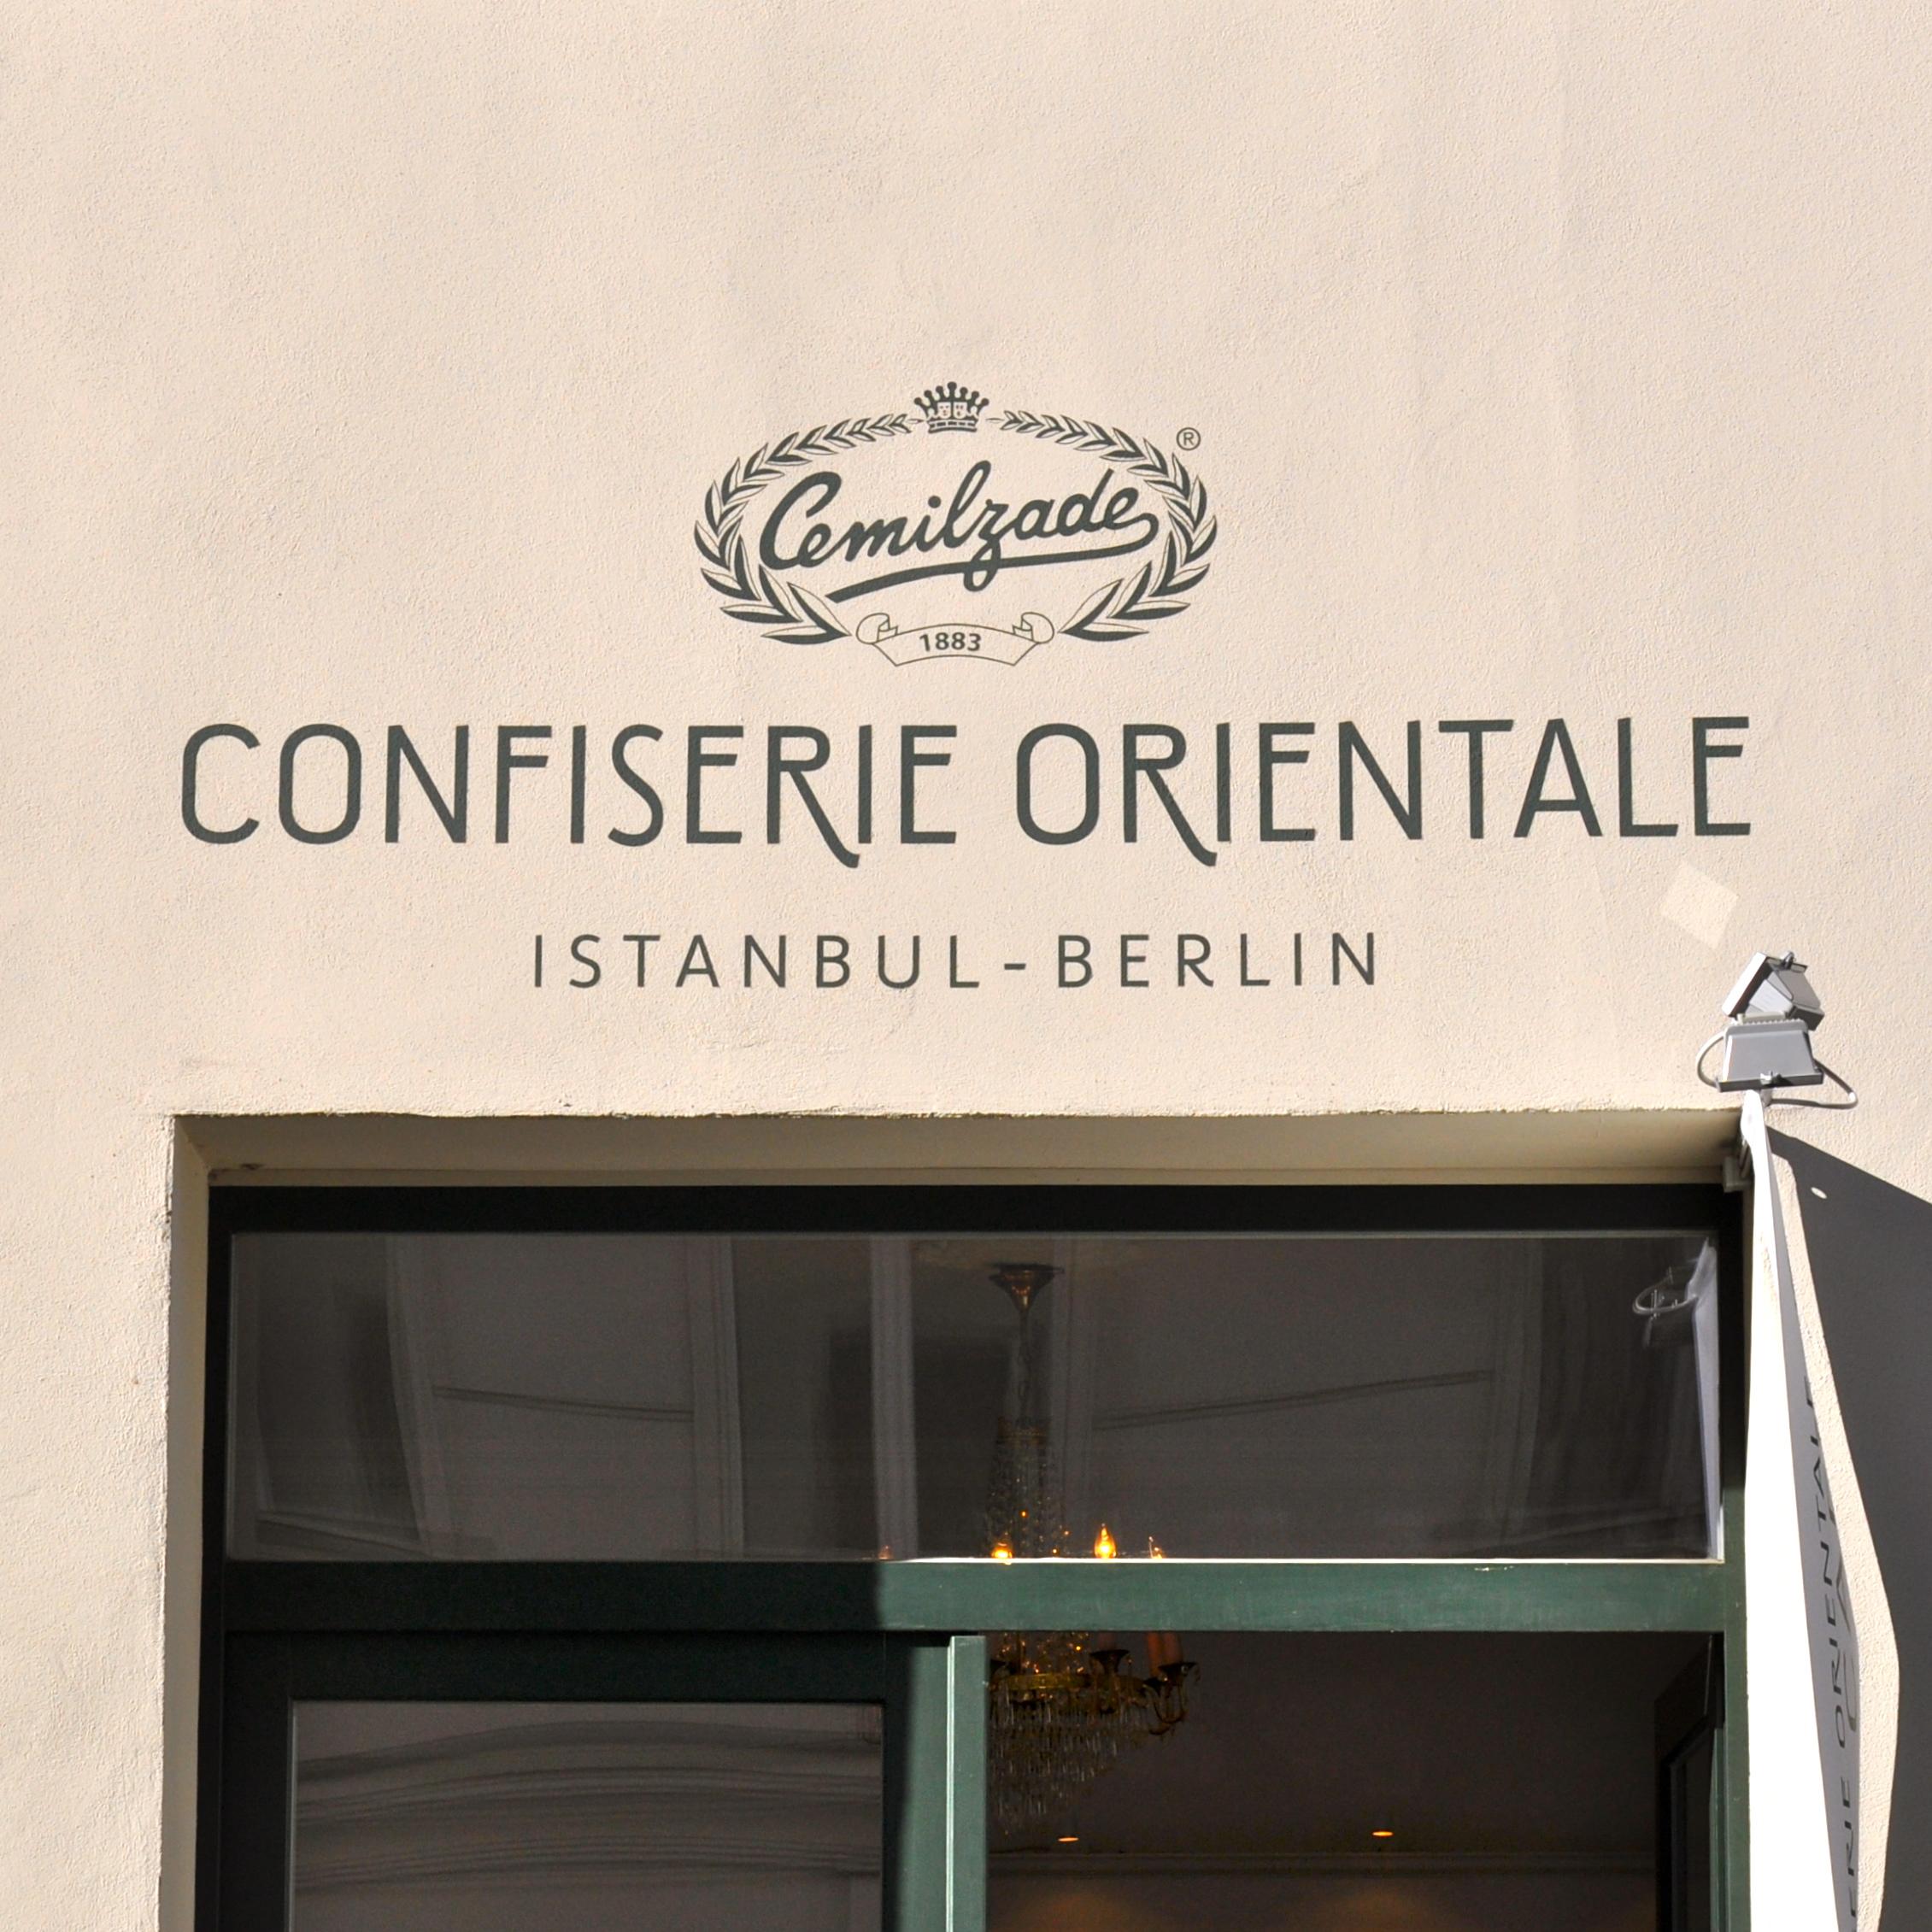 Confiserie-Orientale-Linienstraße-Berlin